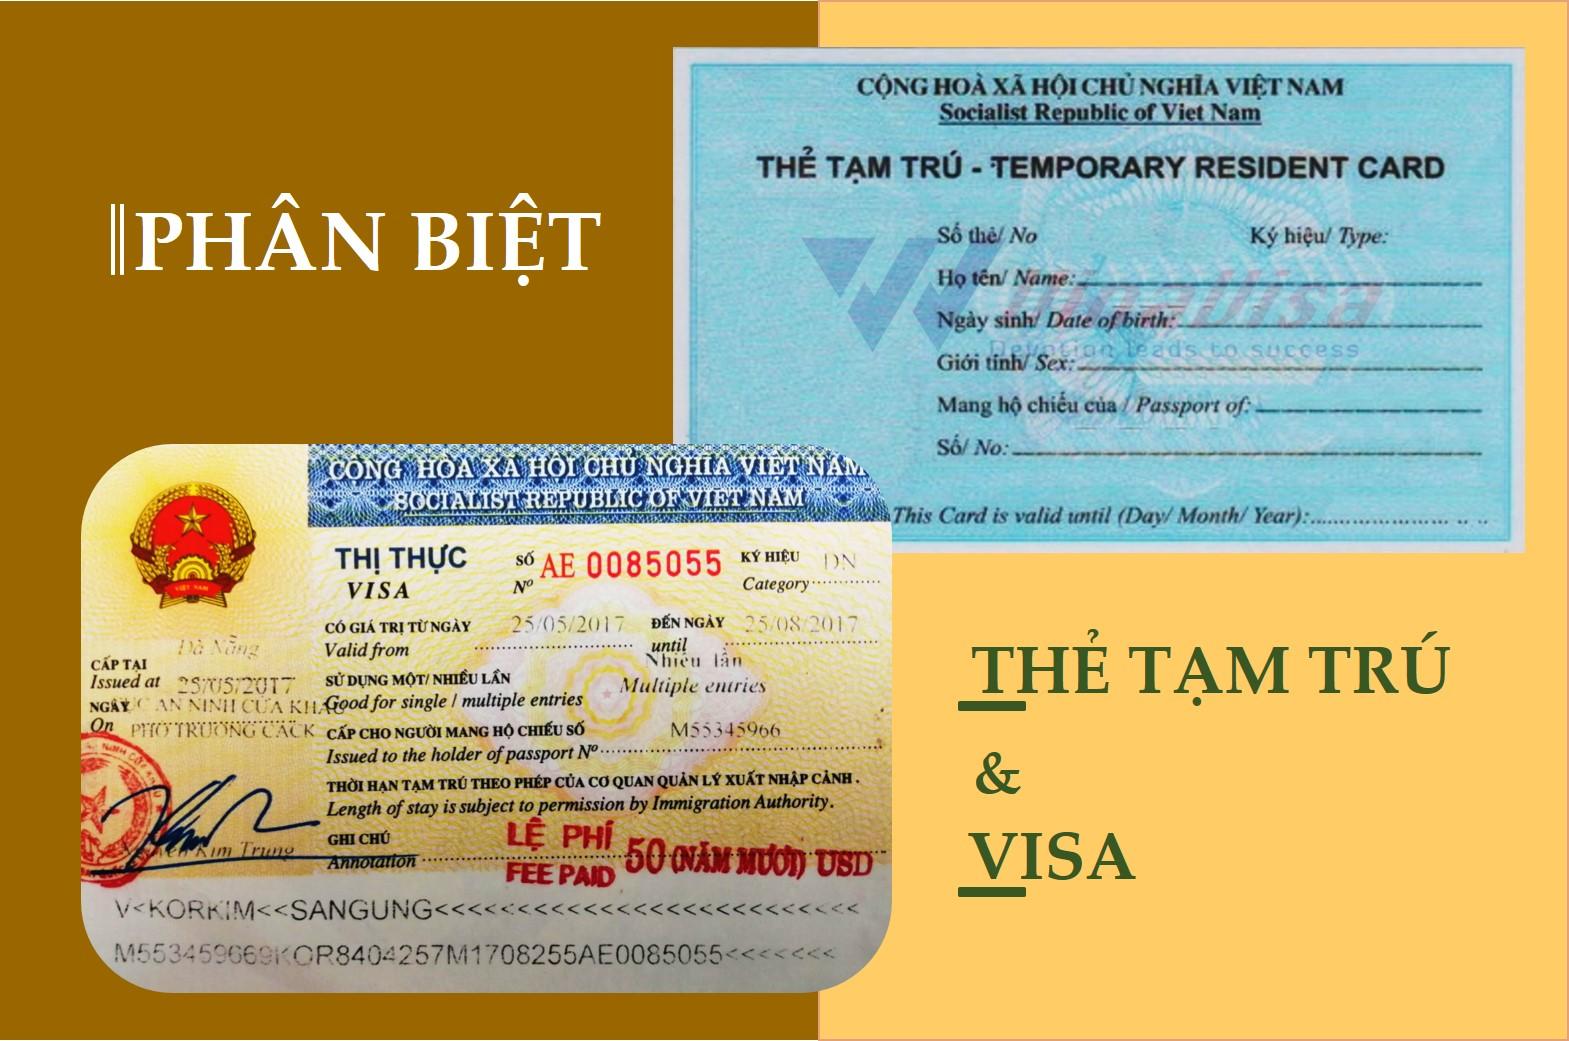 Phân biệt visa và thẻ tạm trú